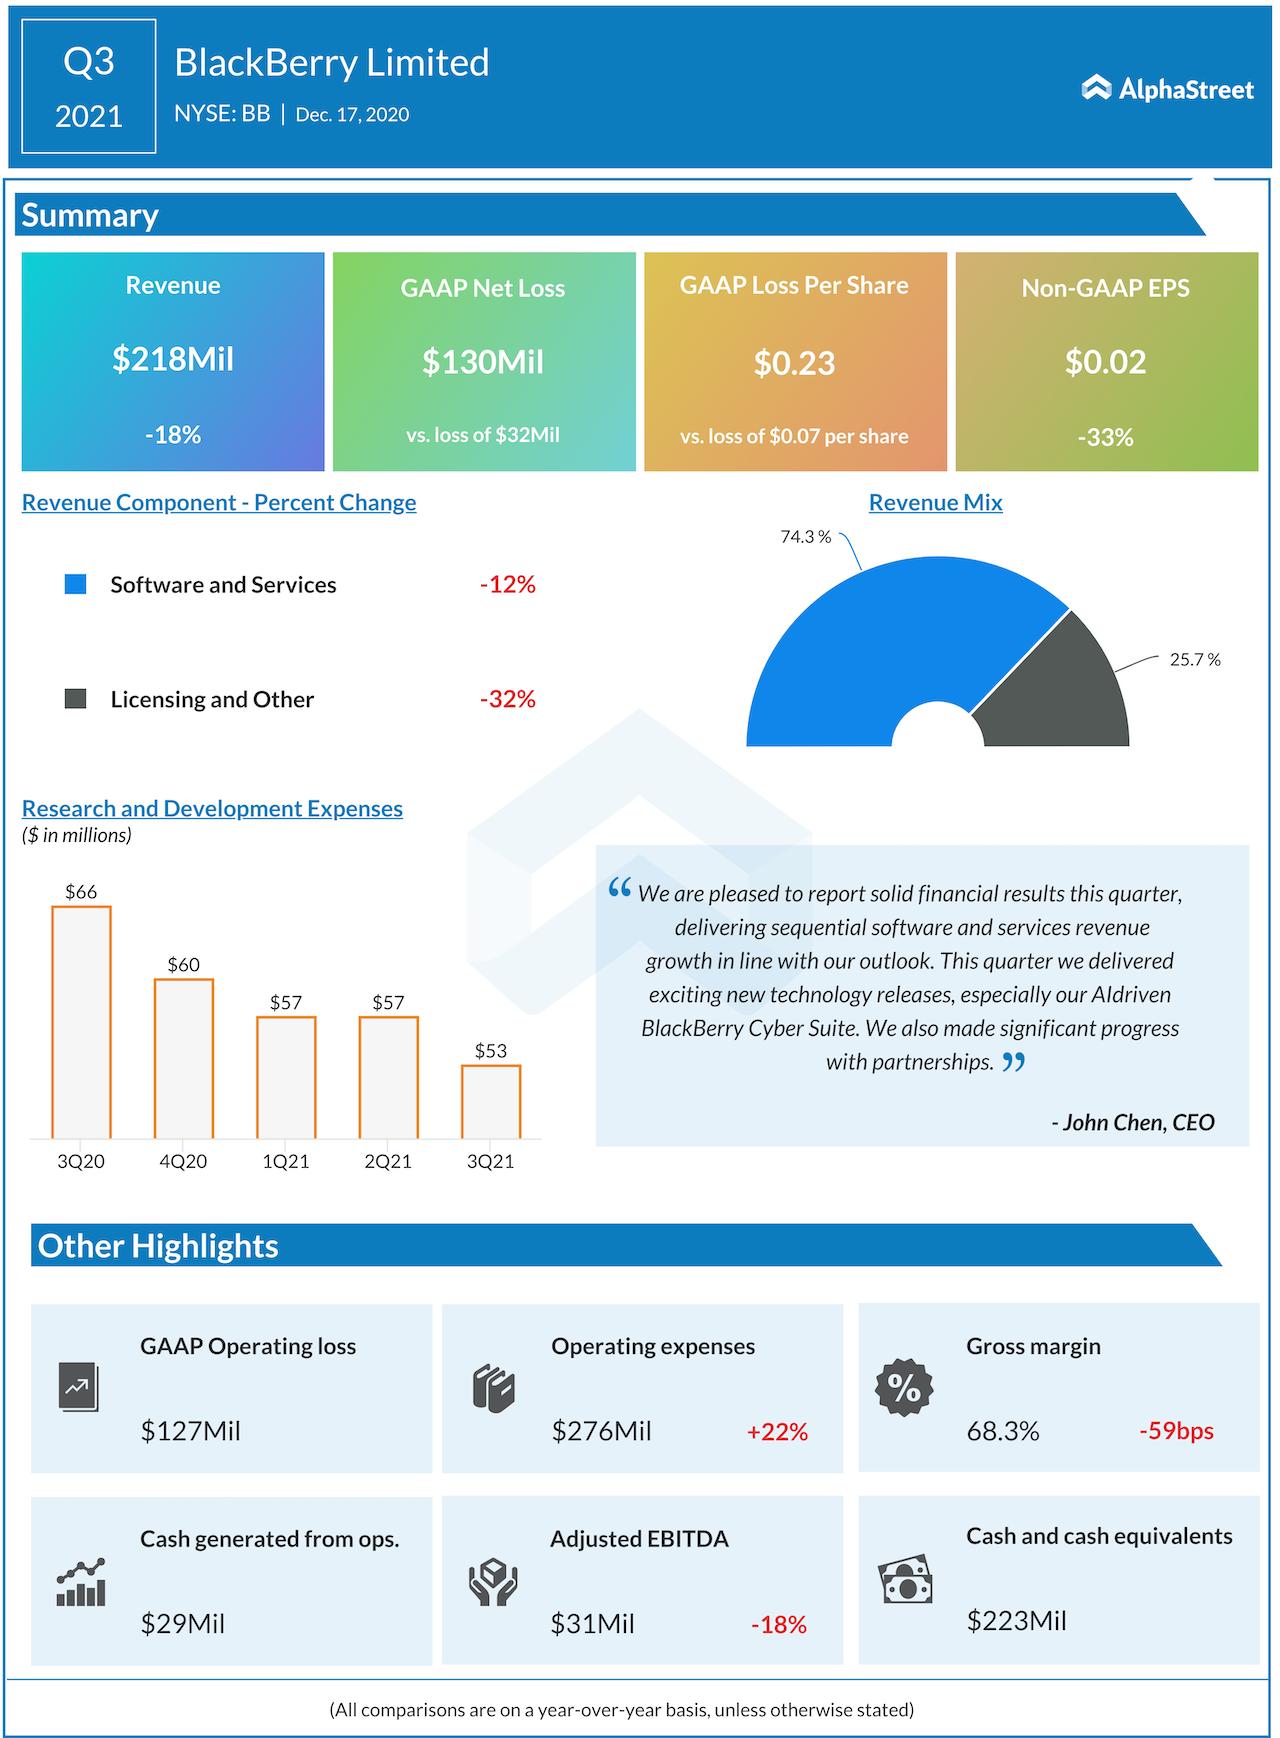 BlackBerry Q3 2021 earnings infographic